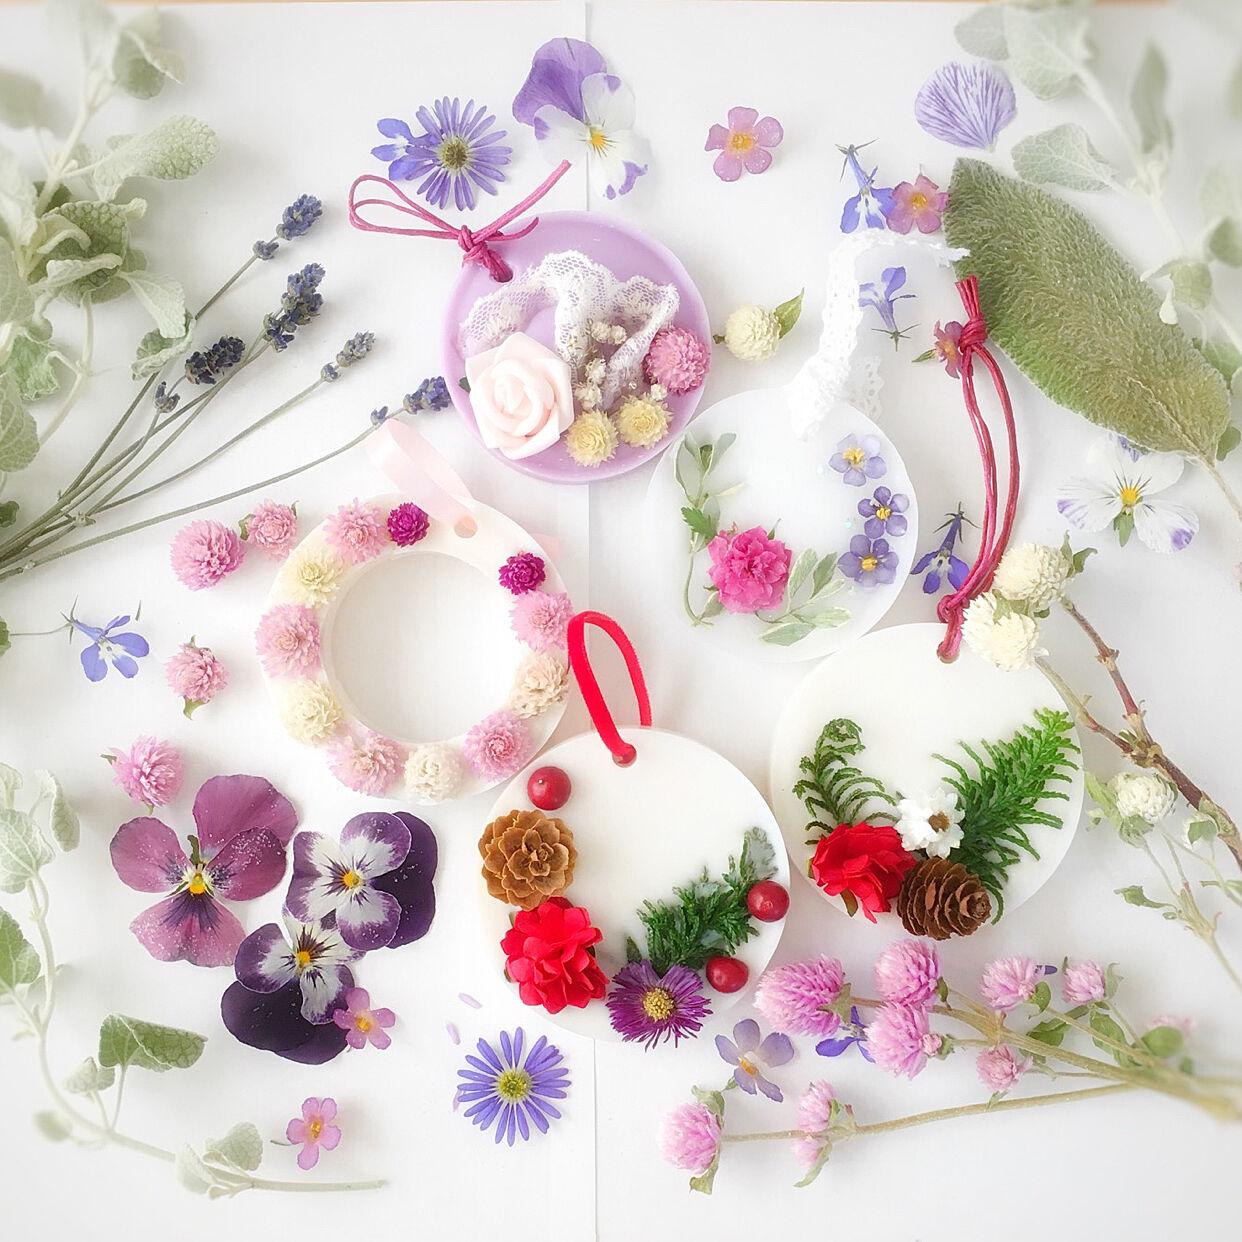 飾って香ってお部屋を彩る♡香りを楽しむハンドメイド作品